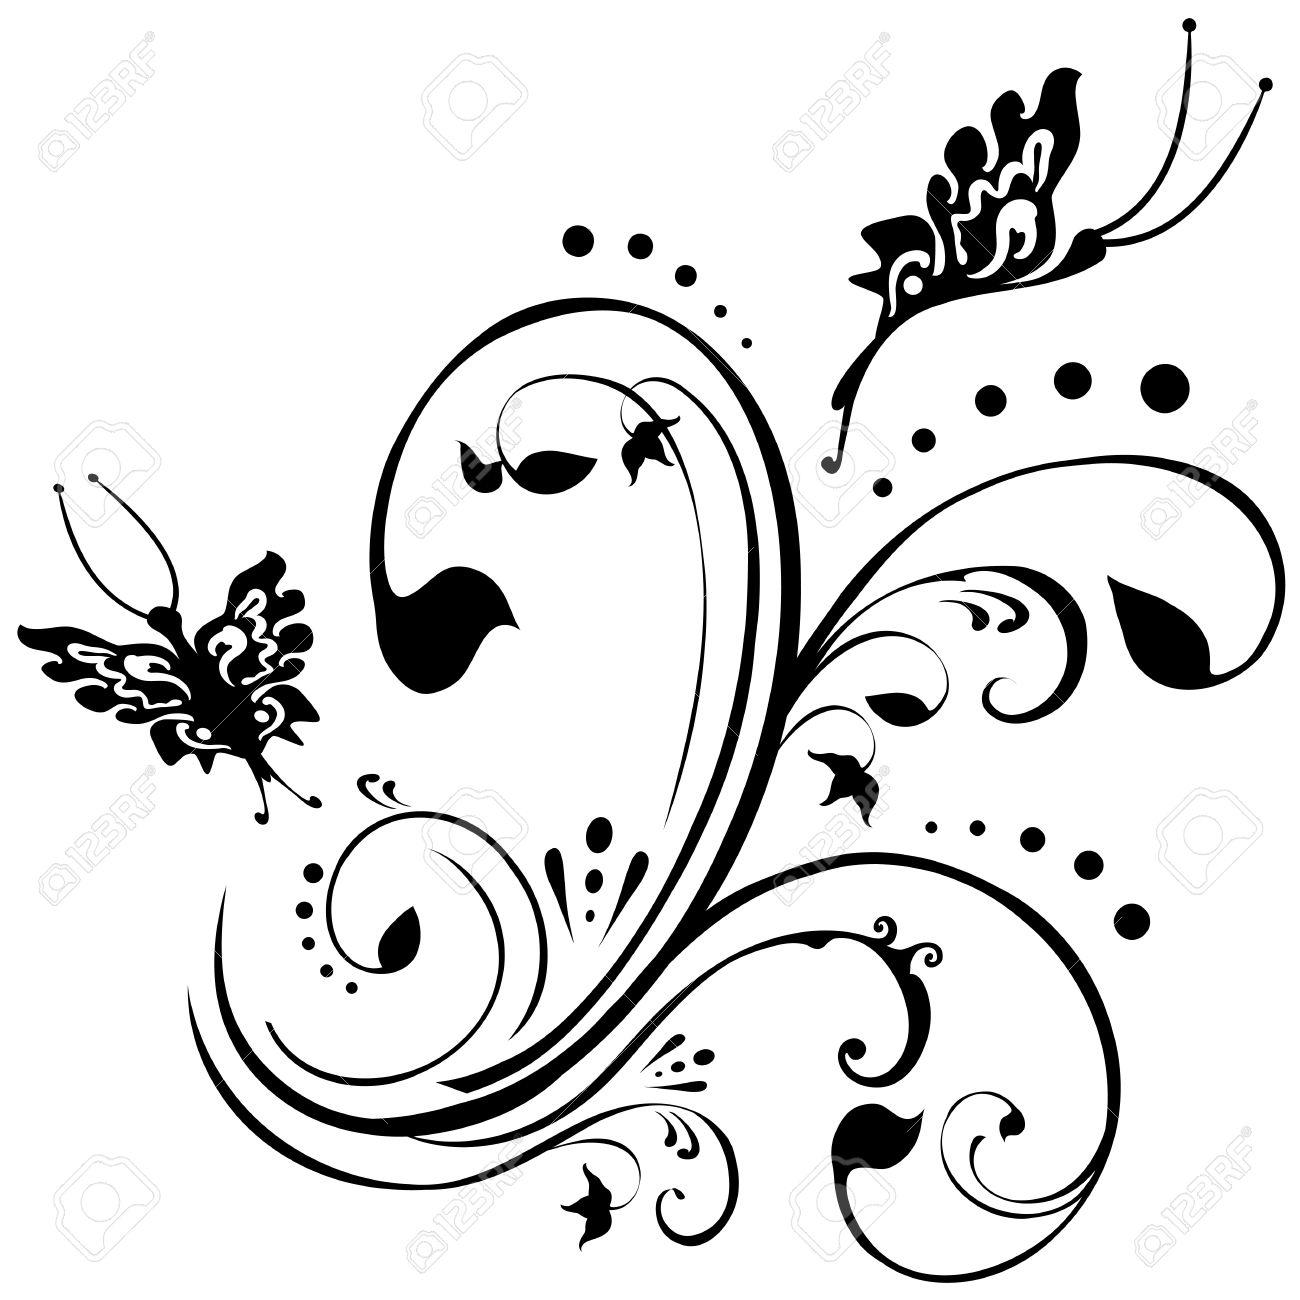 Banque dimages , Les papillons voltigent autour du feuillage. Dessin floral en noir sur un fond blanc.